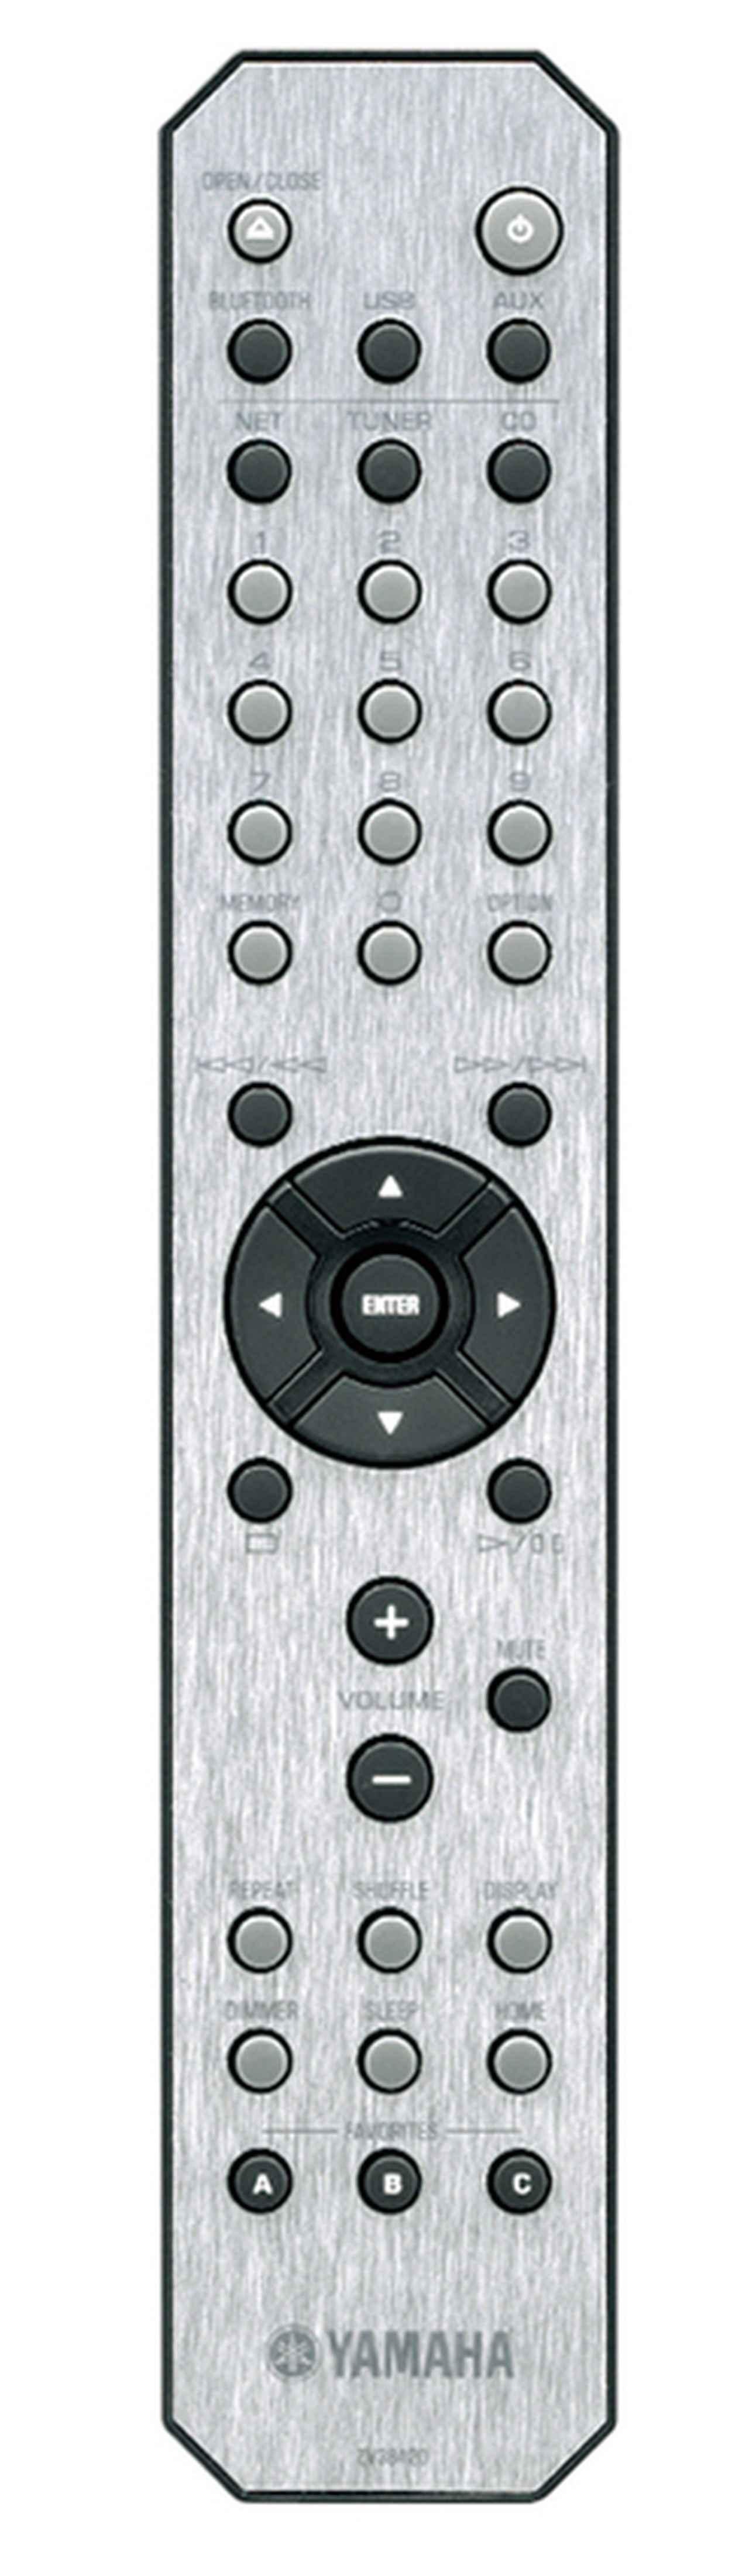 画像: 細長い形状が独特なリモコン。ボタン数は多めで、さまざまな音楽ソースを操作可能。